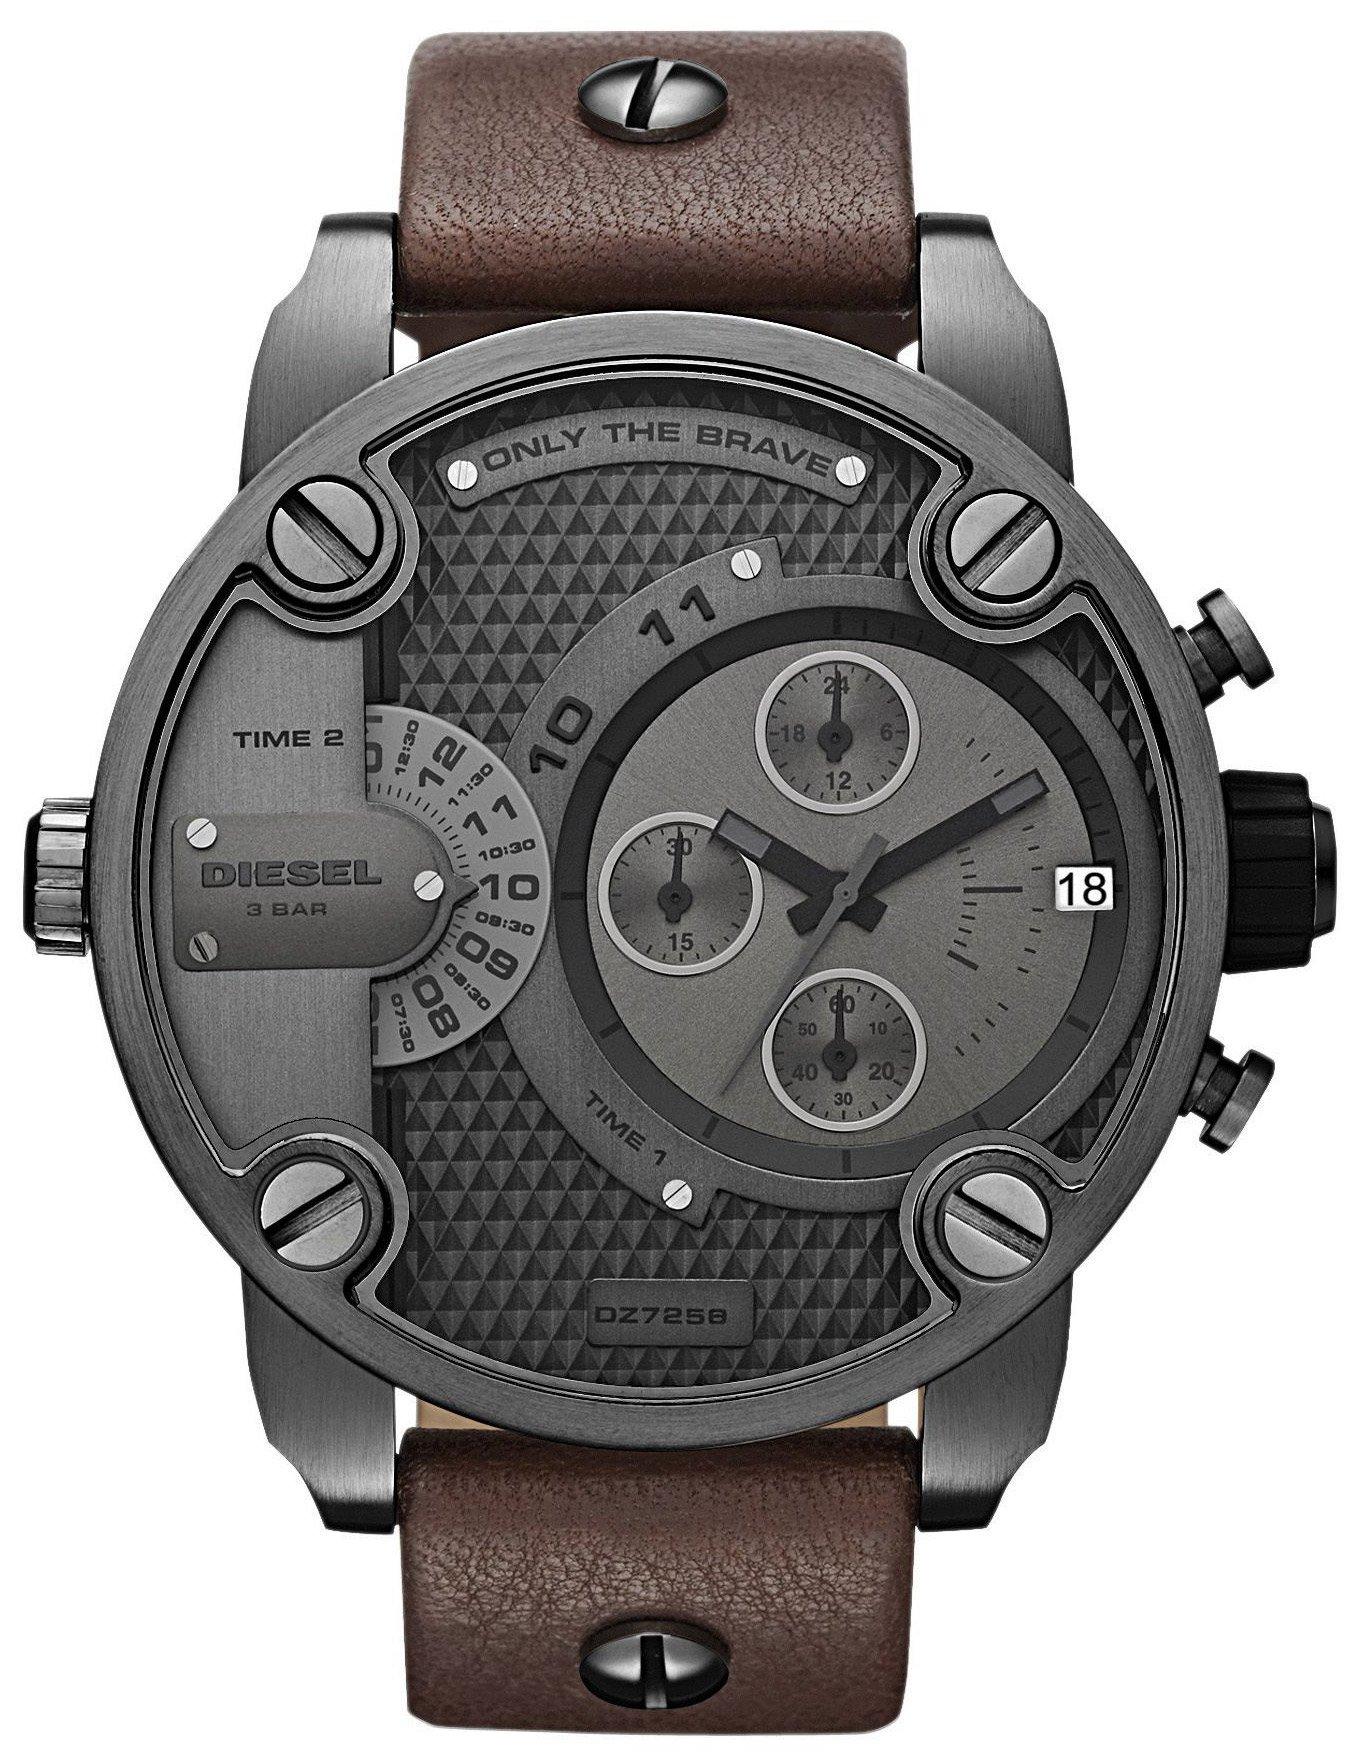 41a5d8126628 Diesel DZ 7258 - купить наручные часы  цены, отзывы, характеристики ...